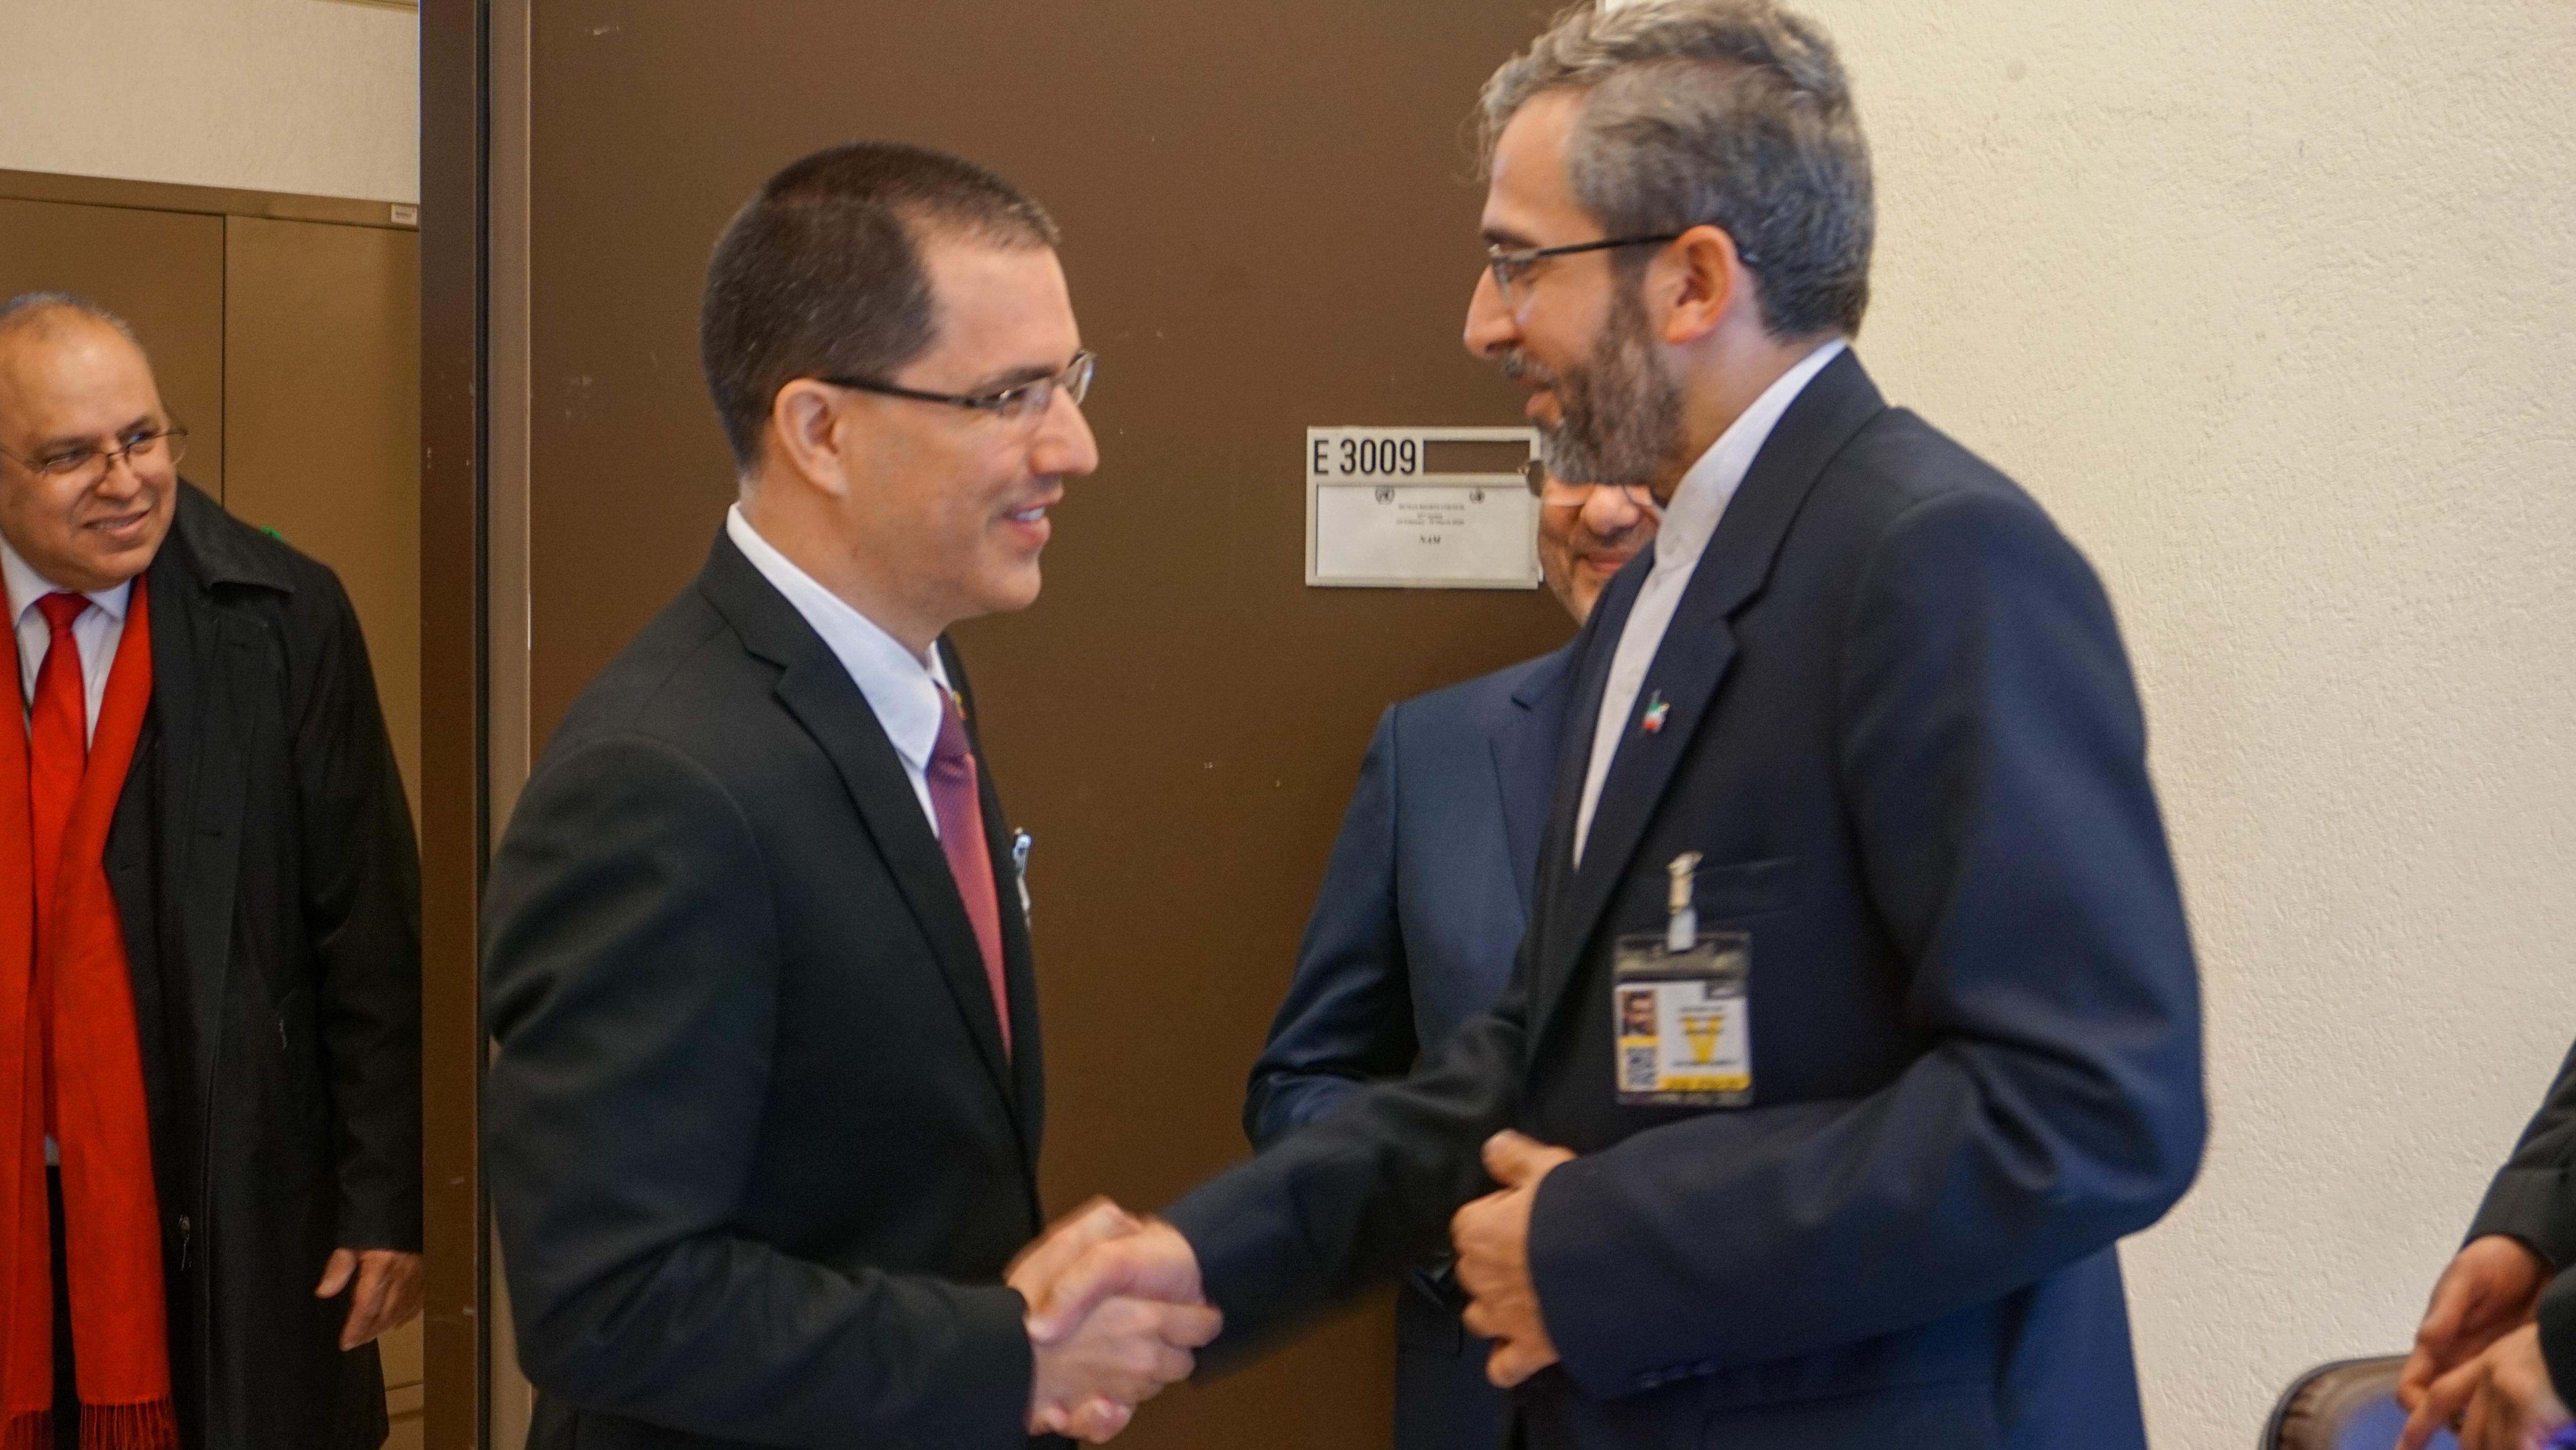 Canciller Arreaza sostiene encuentro con secretario del Alto Consejo para DDHH de Irán en la ONU-Ginebra